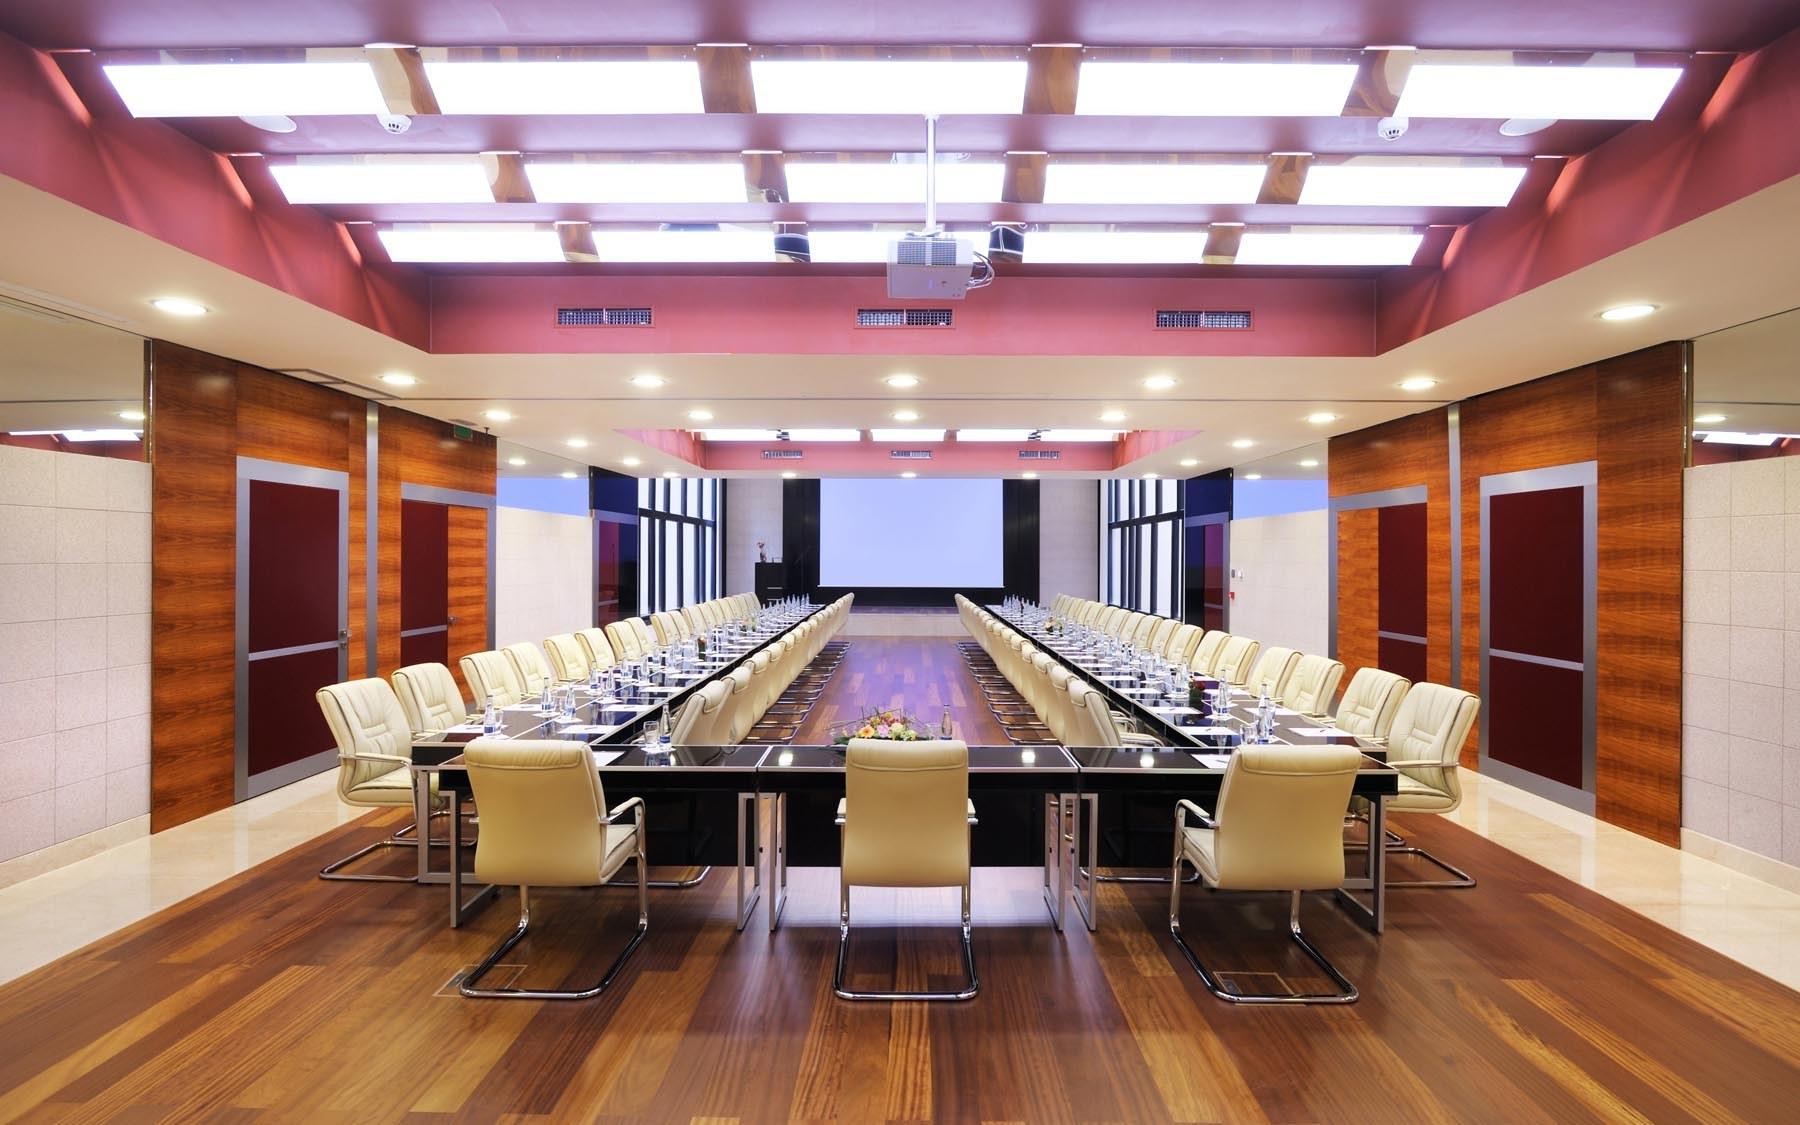 Thiết kế thi công nội thất phòng họp trọn gói